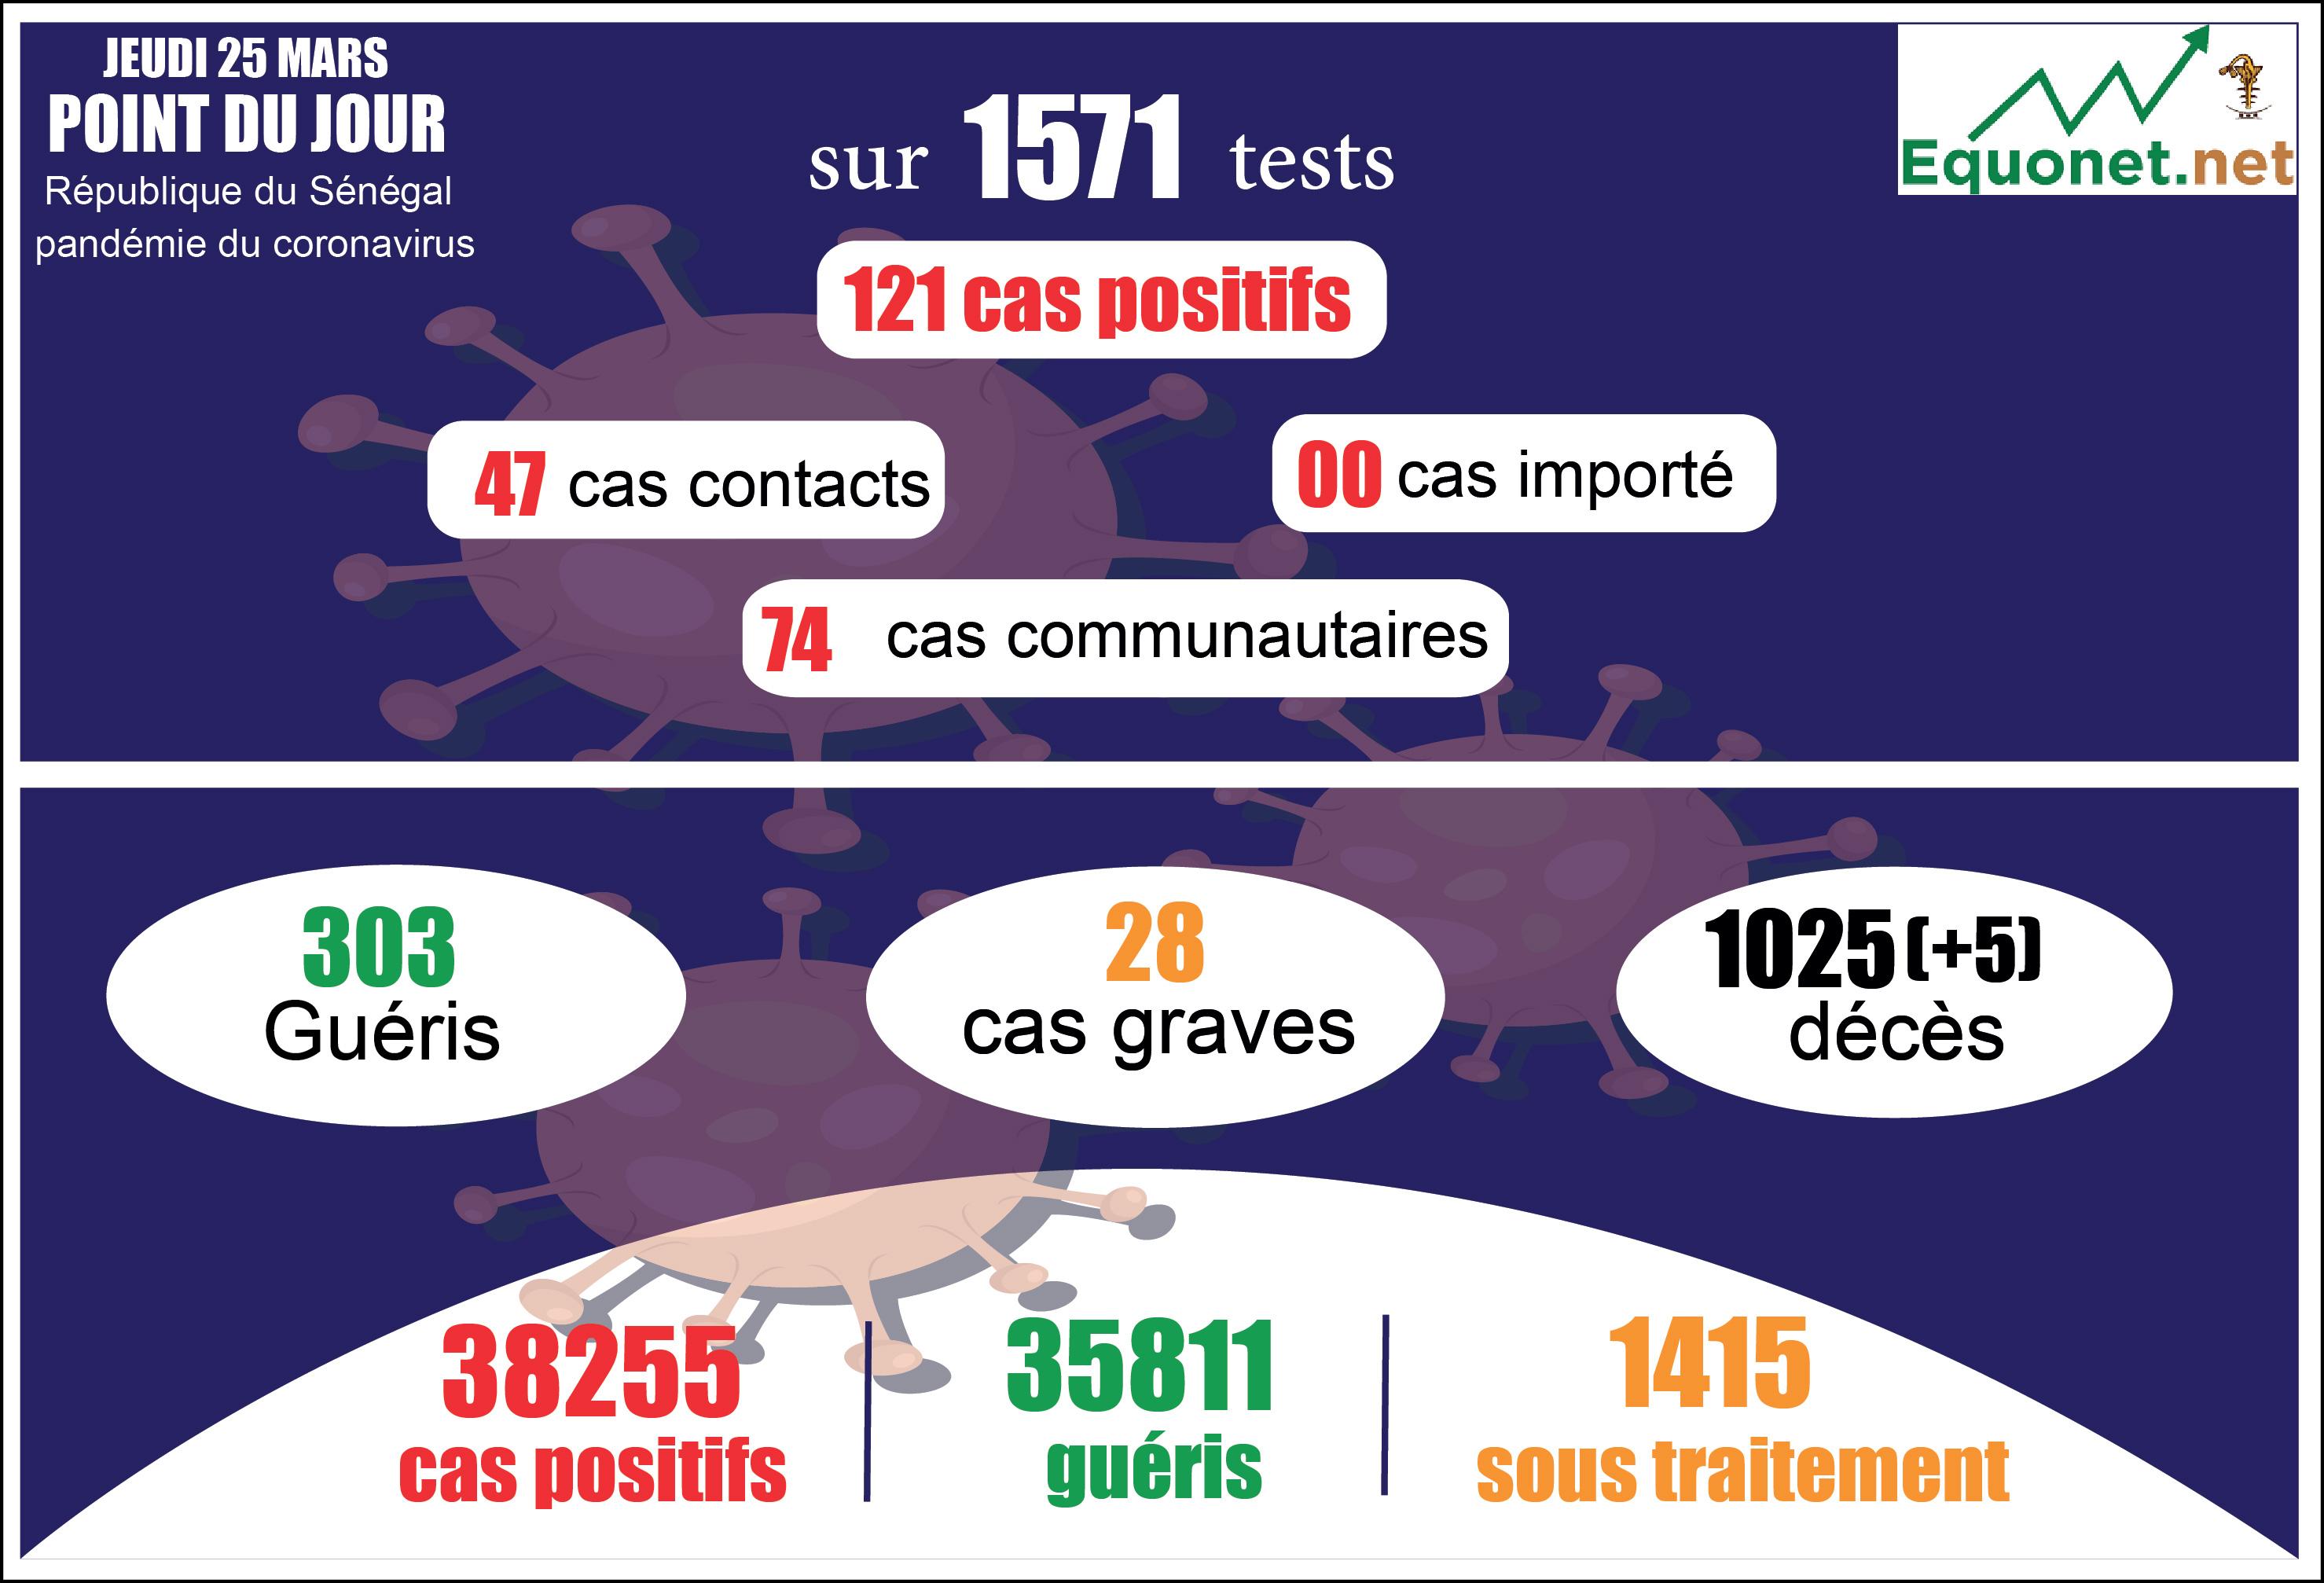 pandémie du coronavirus-covid-19 au sénégal : 74 cas communautaires et 05 décès enregistrés ce jeudi 25 mars 2021